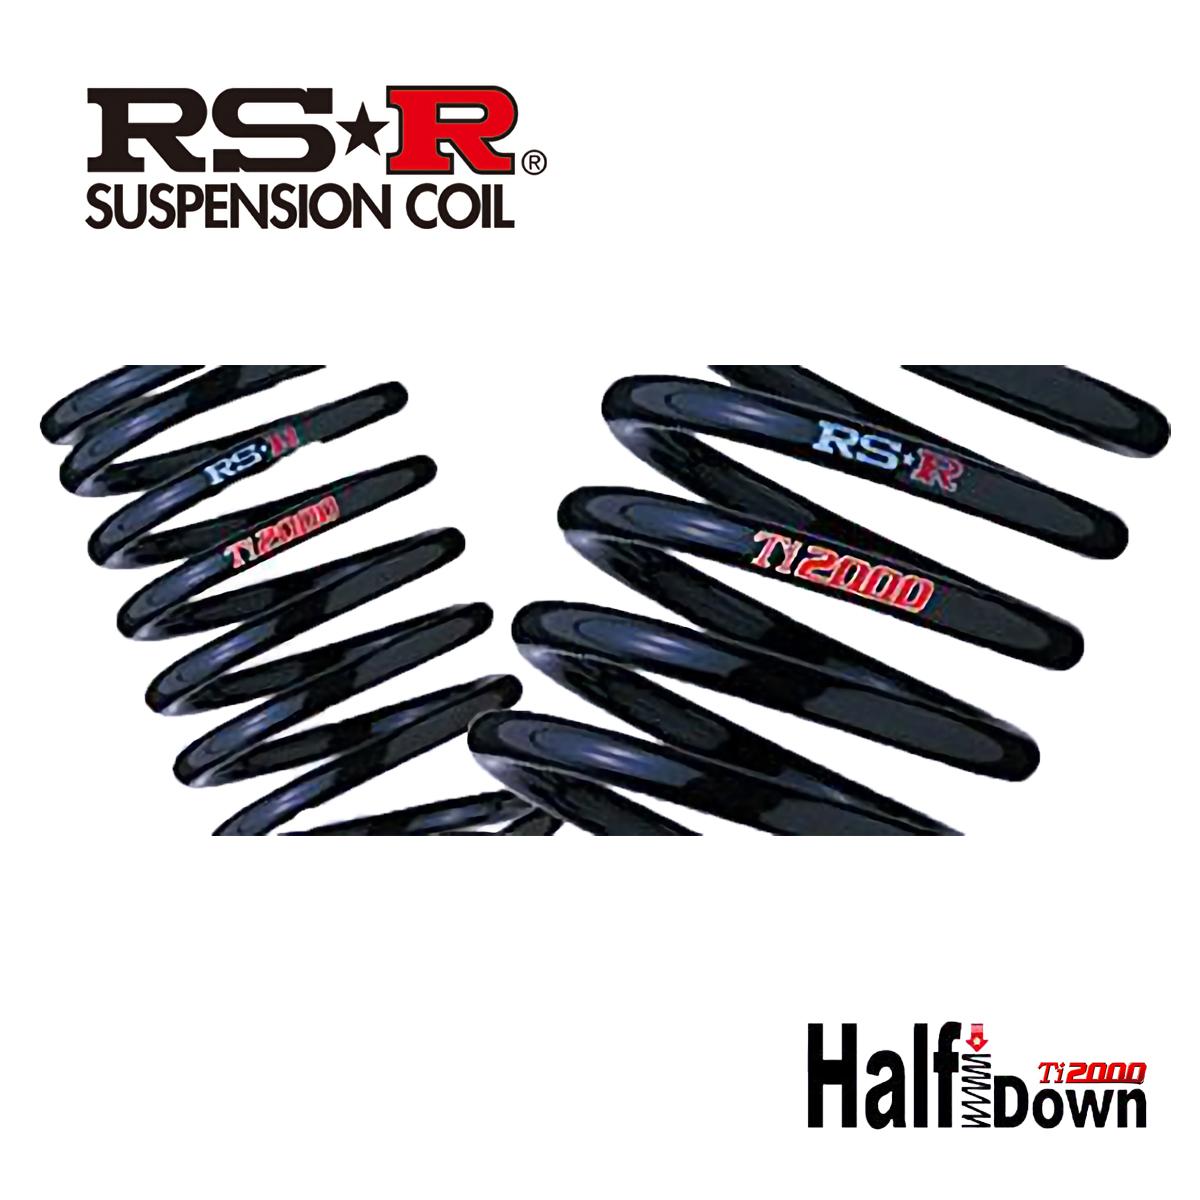 RS-R タント LA650S ダウンサス スプリング フロント D401THDF Ti2000 ハーフダウン RSR 個人宅発送追金有